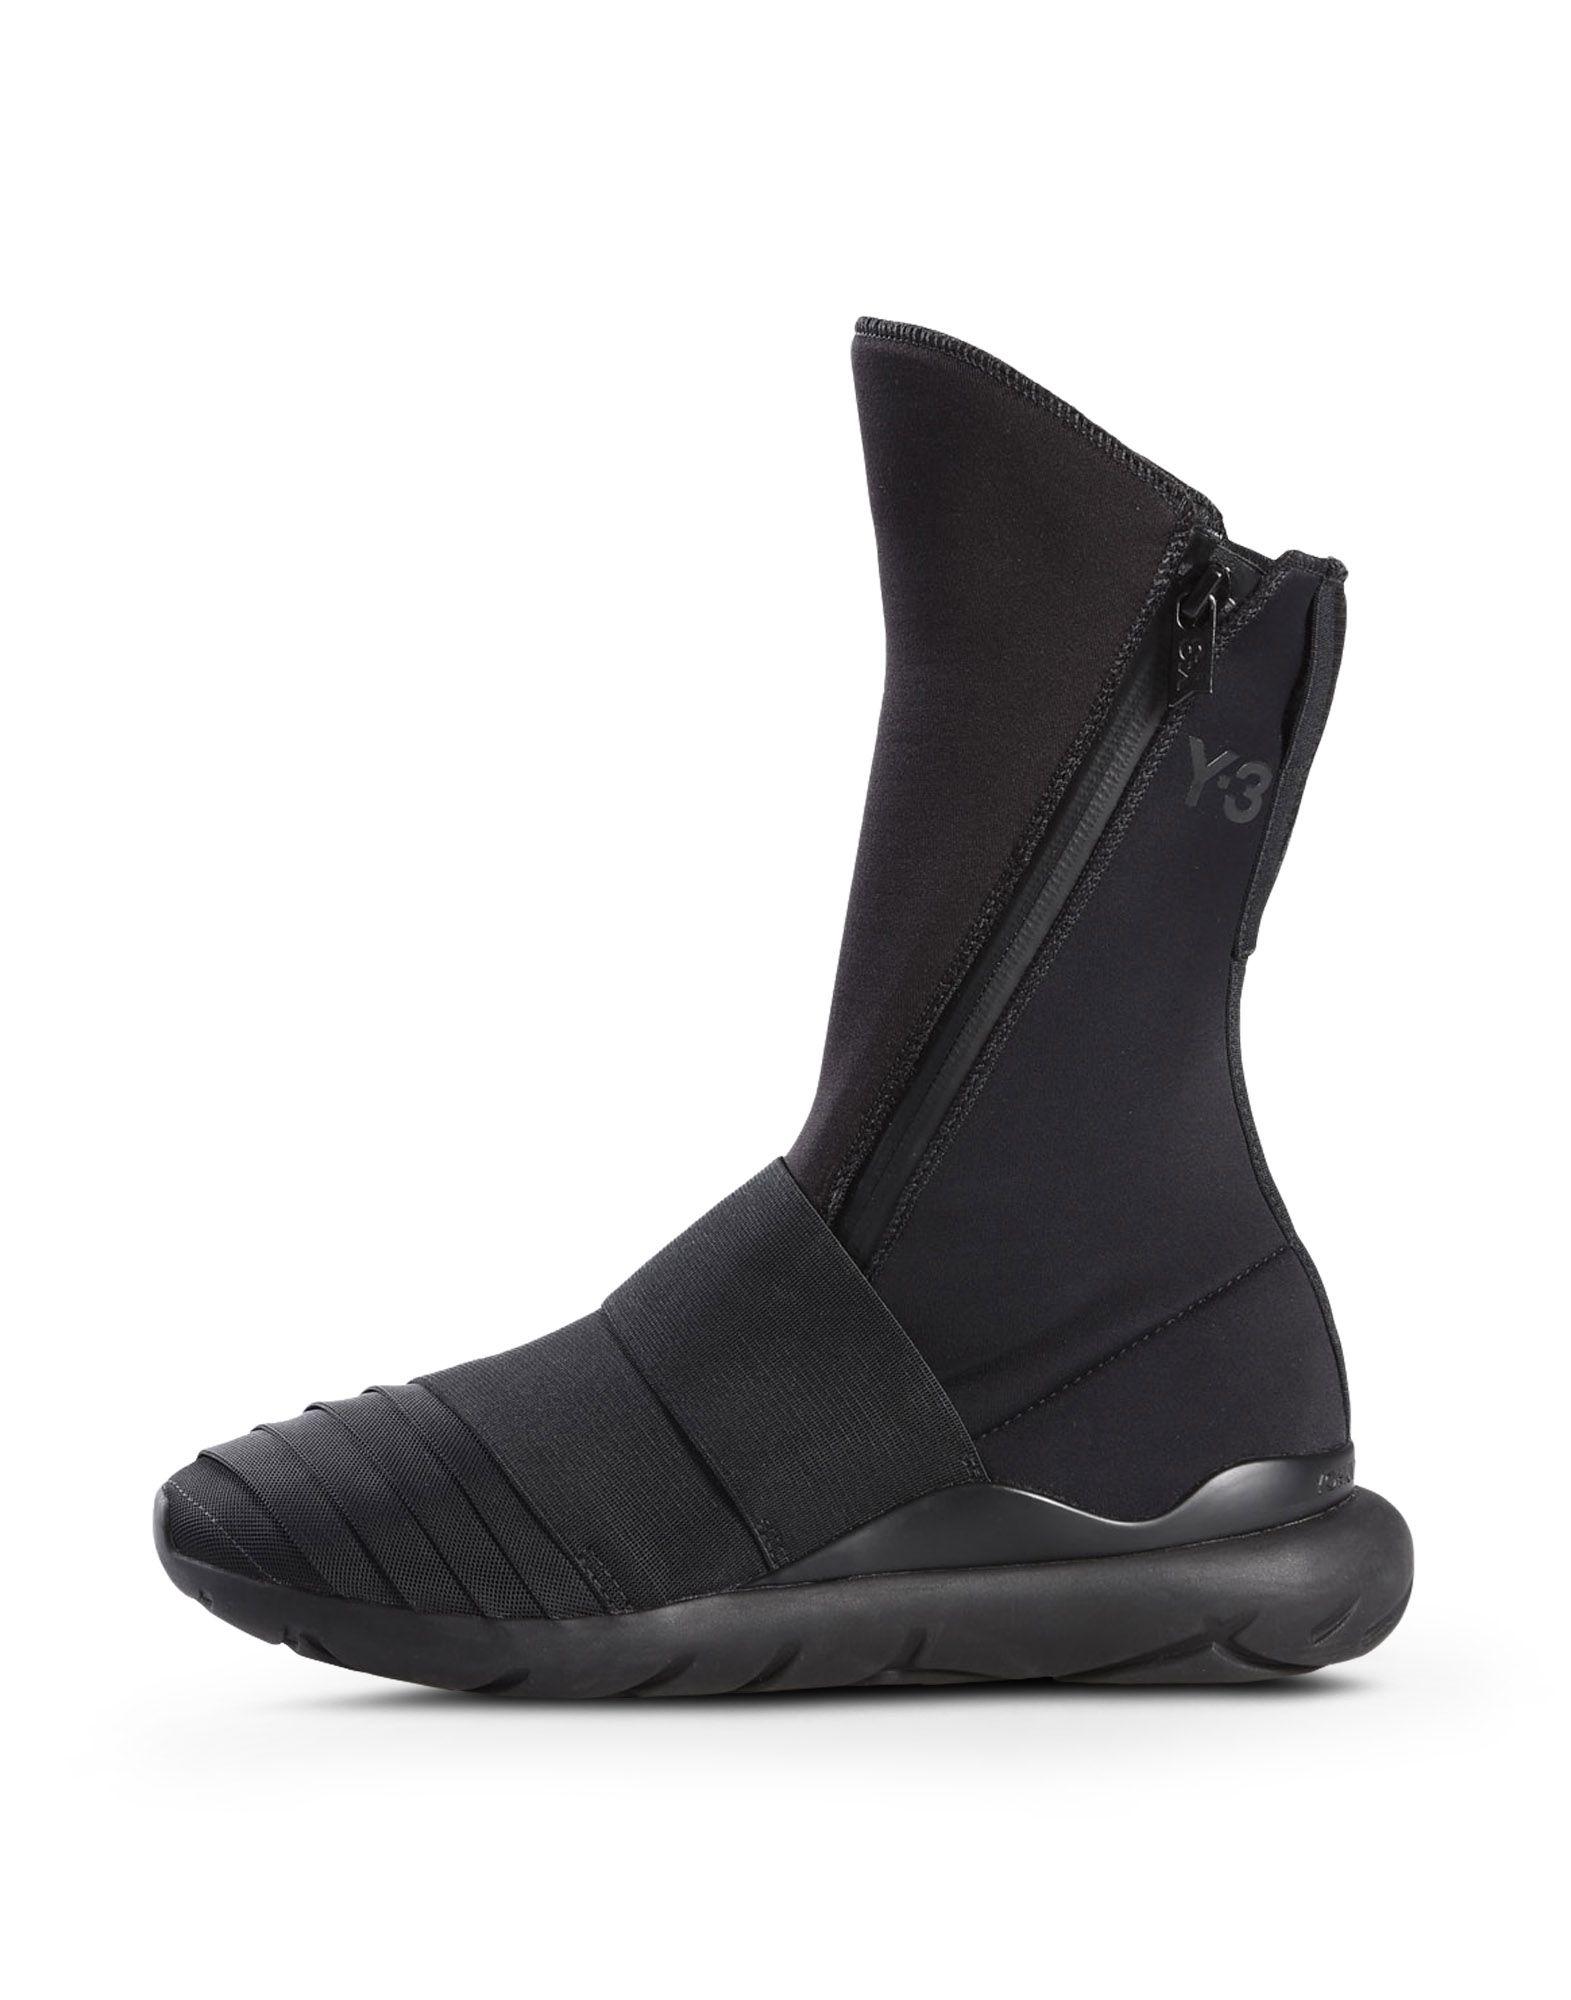 badb0c364 ... Y-3 Y-3 QASA BOOT High-top sneakers Woman f ...